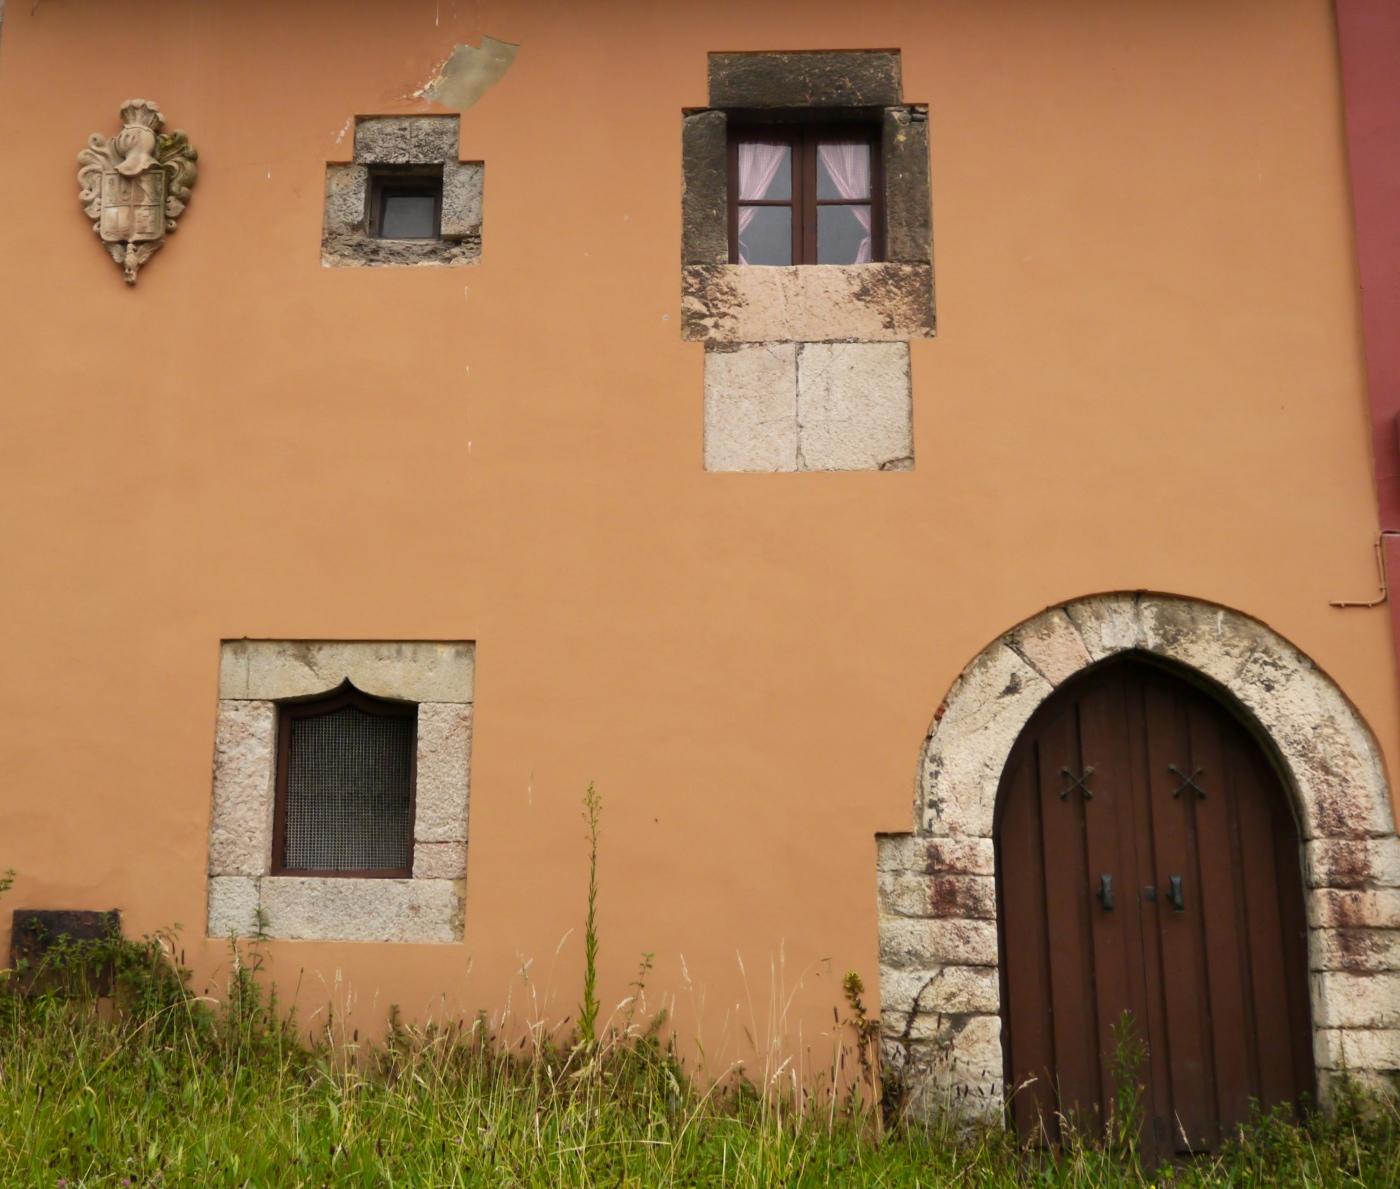 Llanes, Asturias. 2009